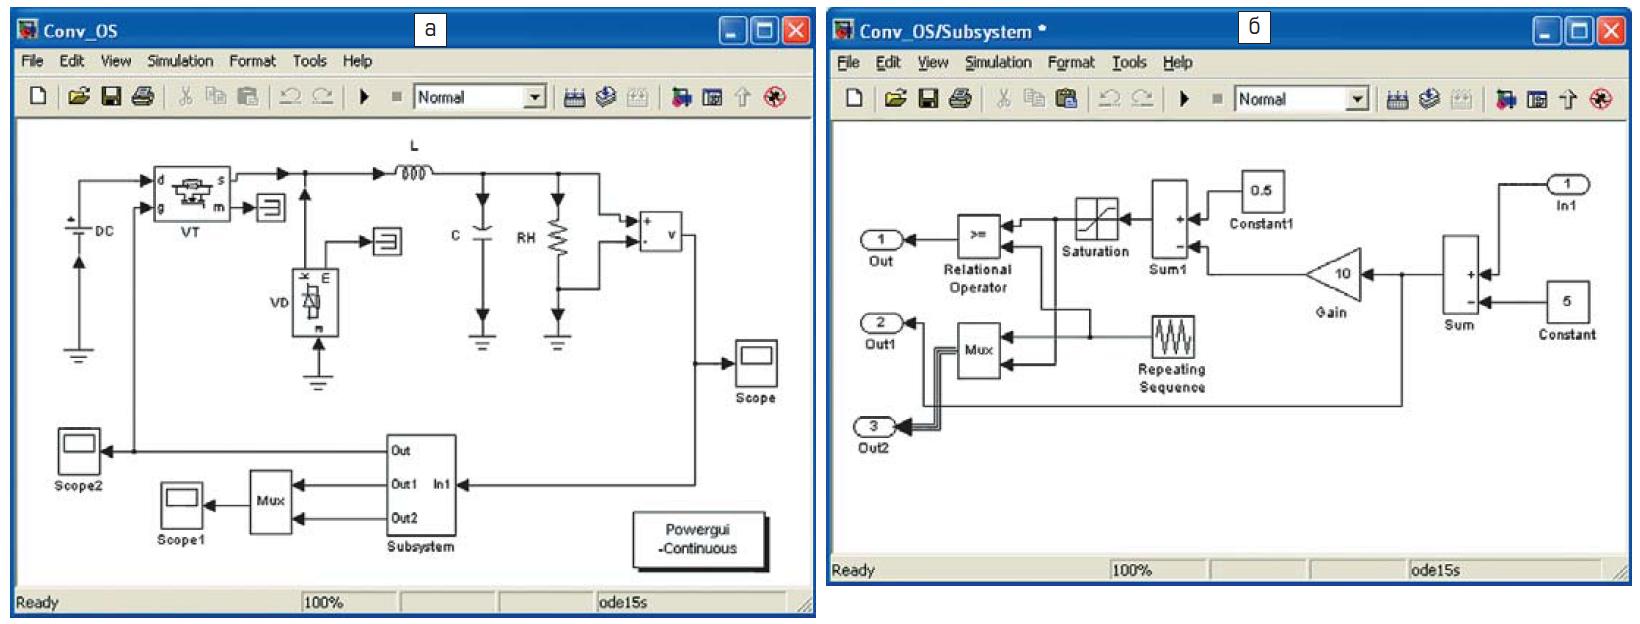 Функциональные модели: преобразователя и его подсистемы - контура отрицательной обратной связи